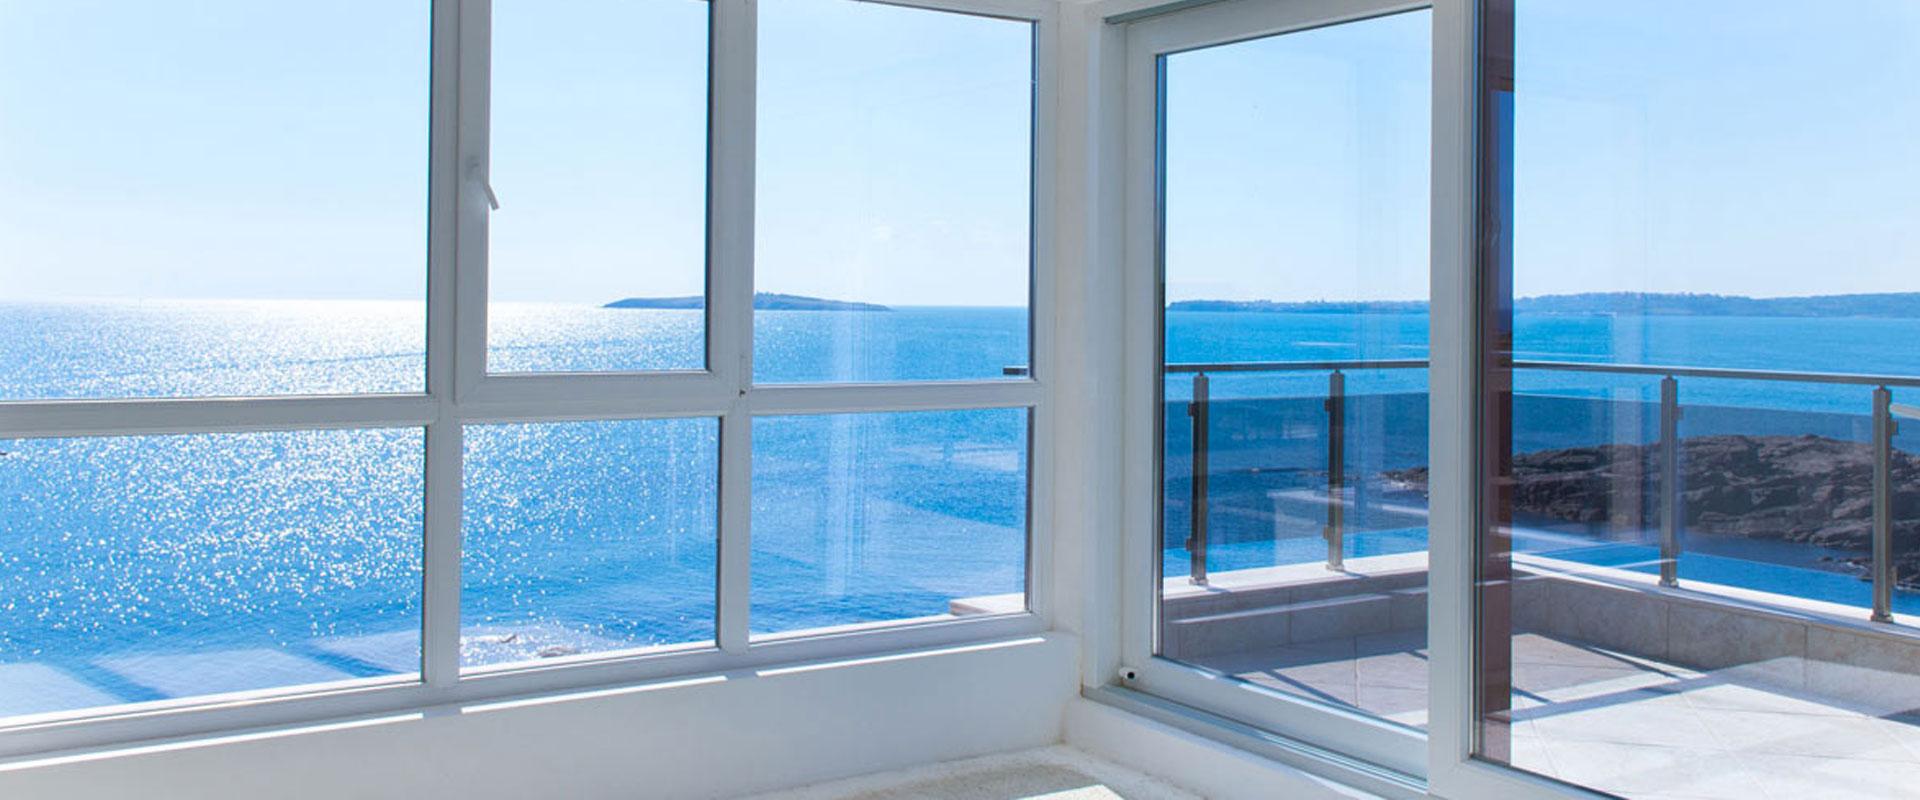 ventanas-practicables-pvc